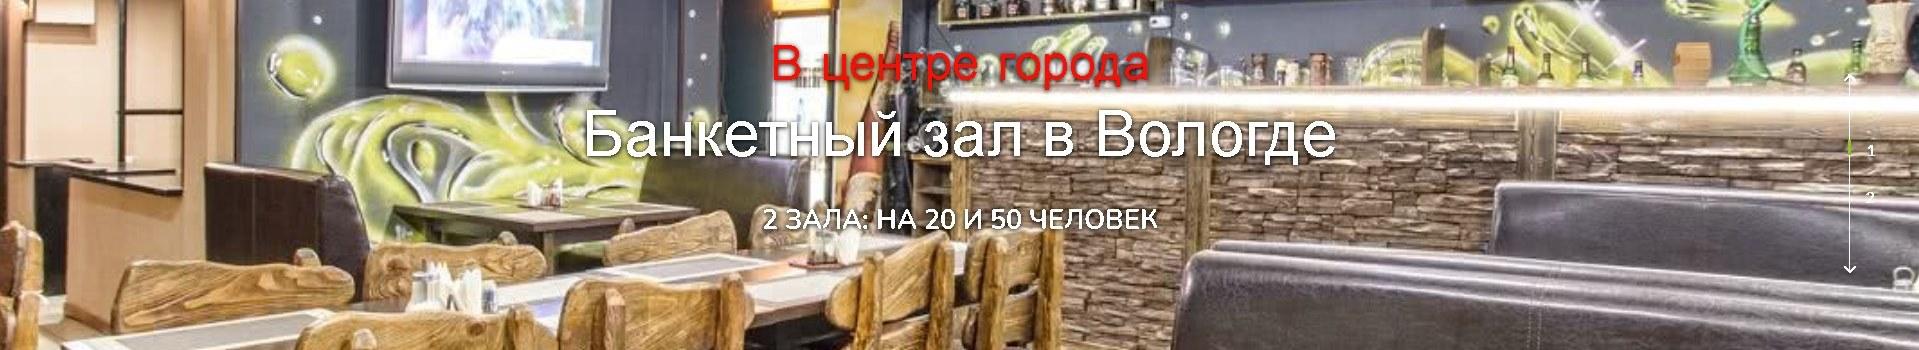 banket2